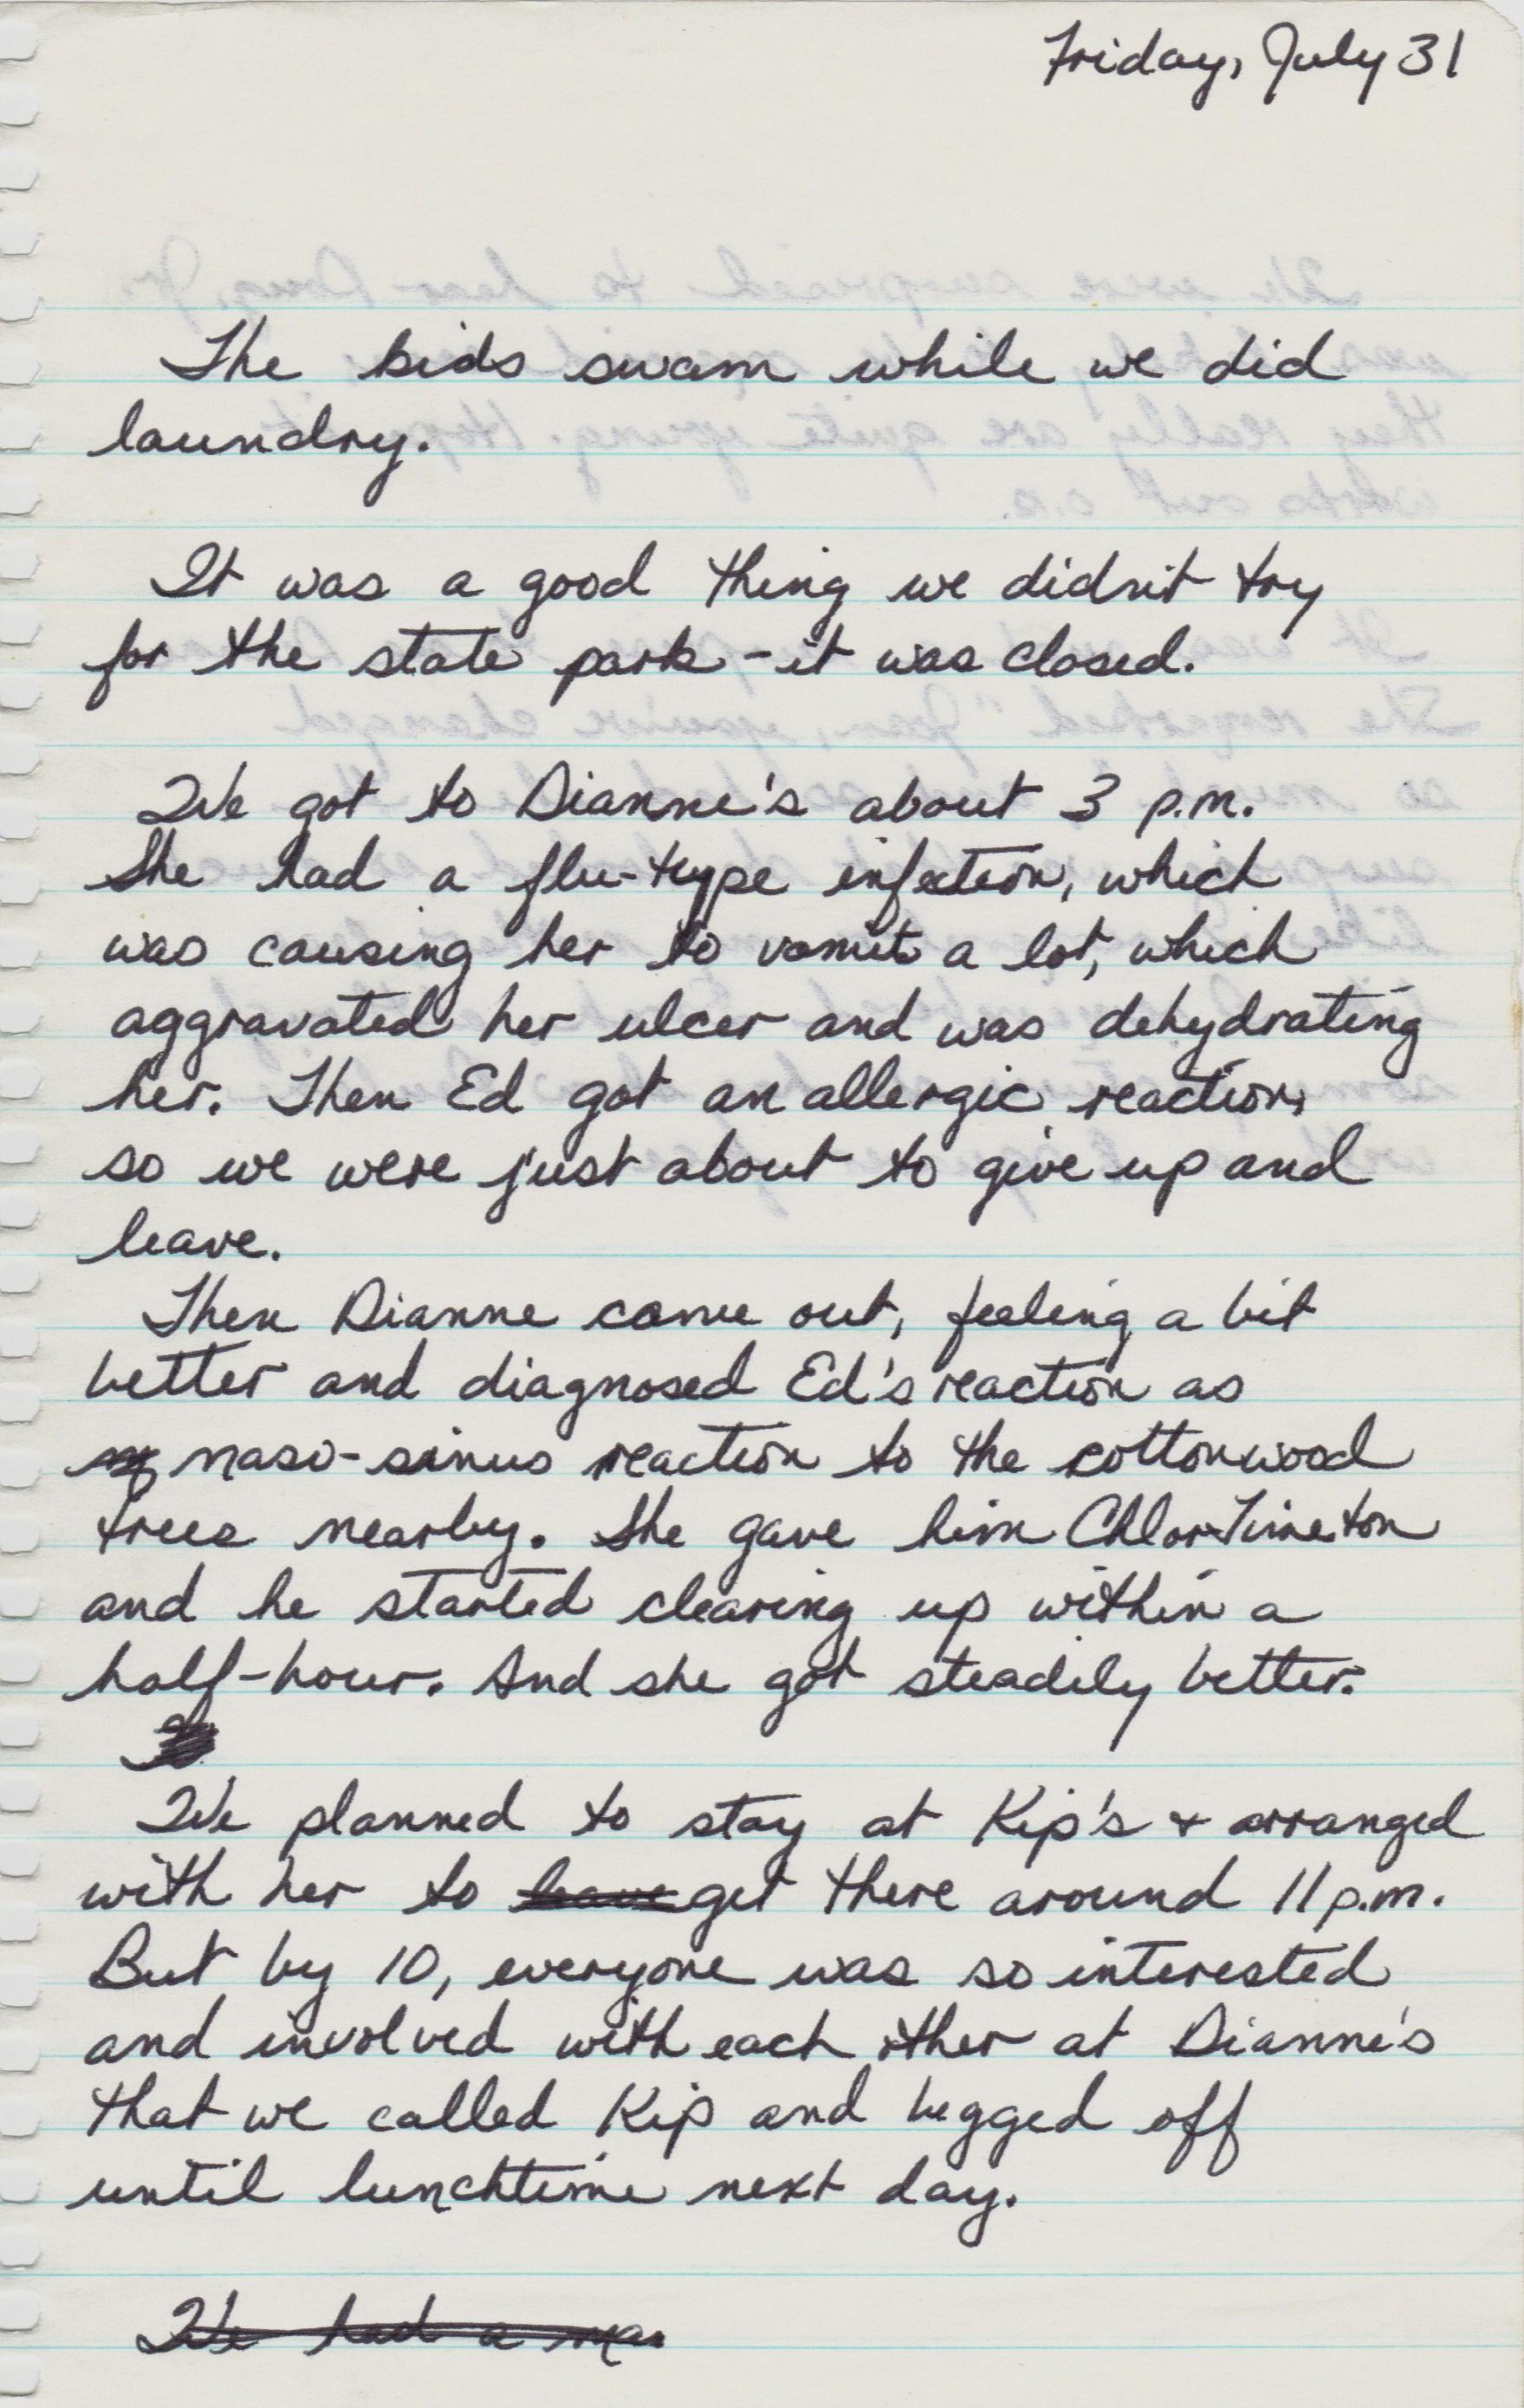 July 31, 1981